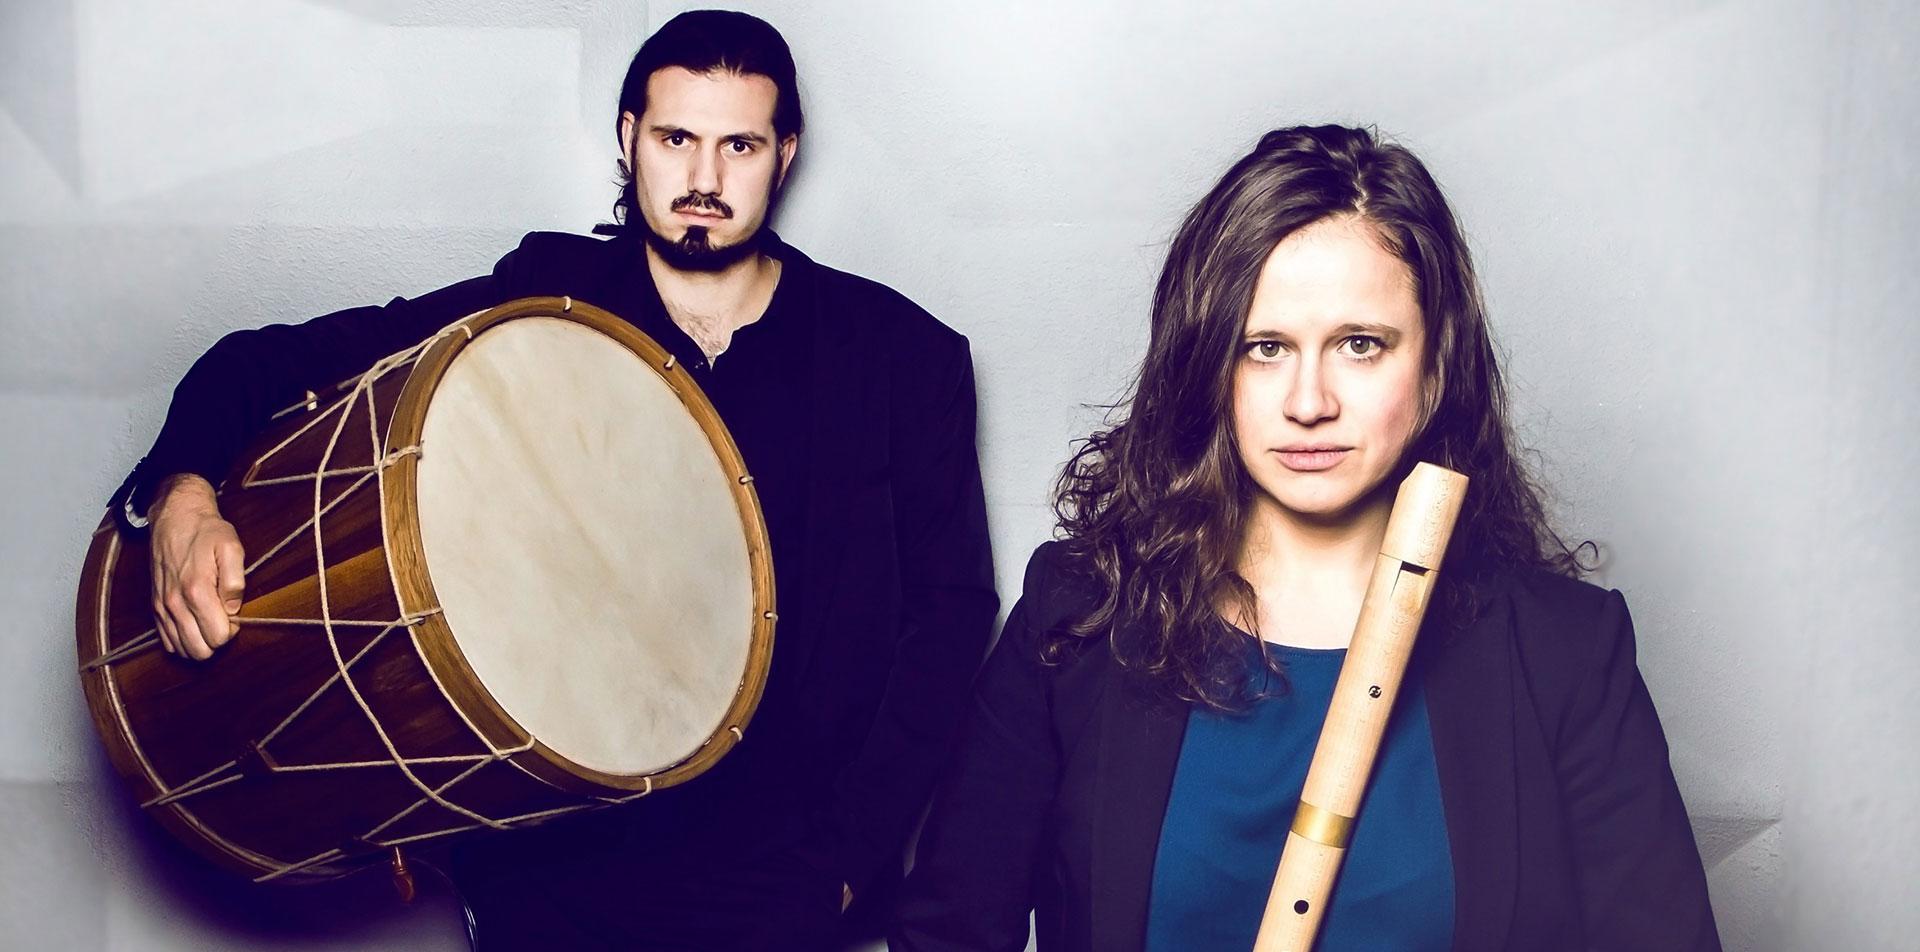 duo lamprecht - Musikerduo - Anne Enßle und Phillip Lamprecht